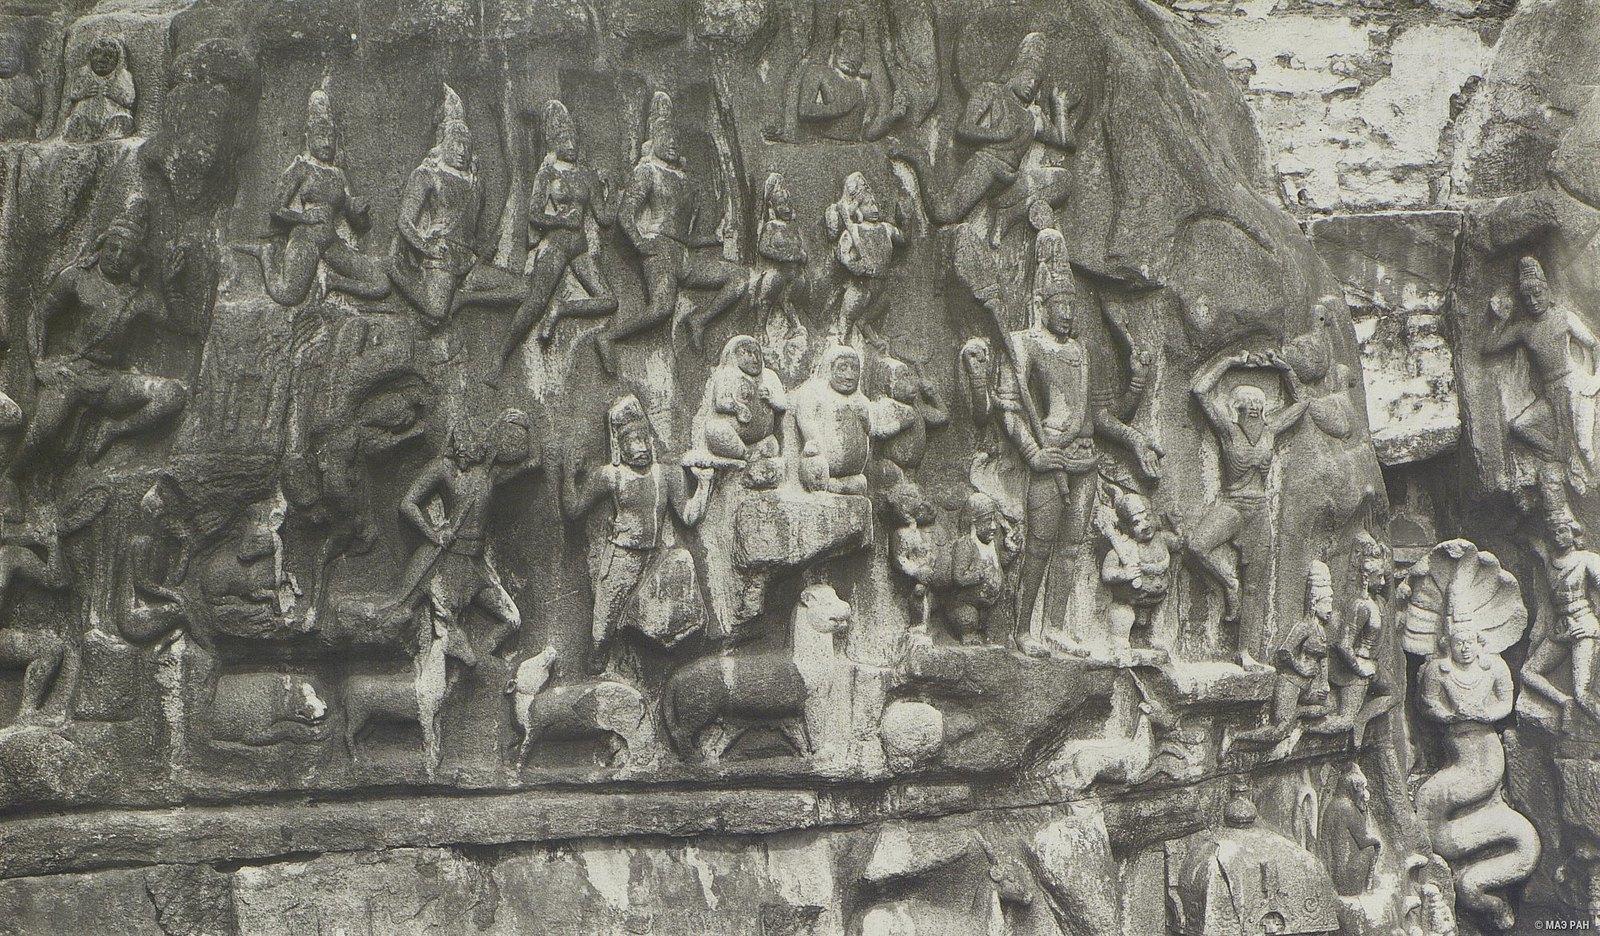 15. Мамаллапур (детали рельефа «Шива со свитой» и «Арджуна в подвижничестве»)